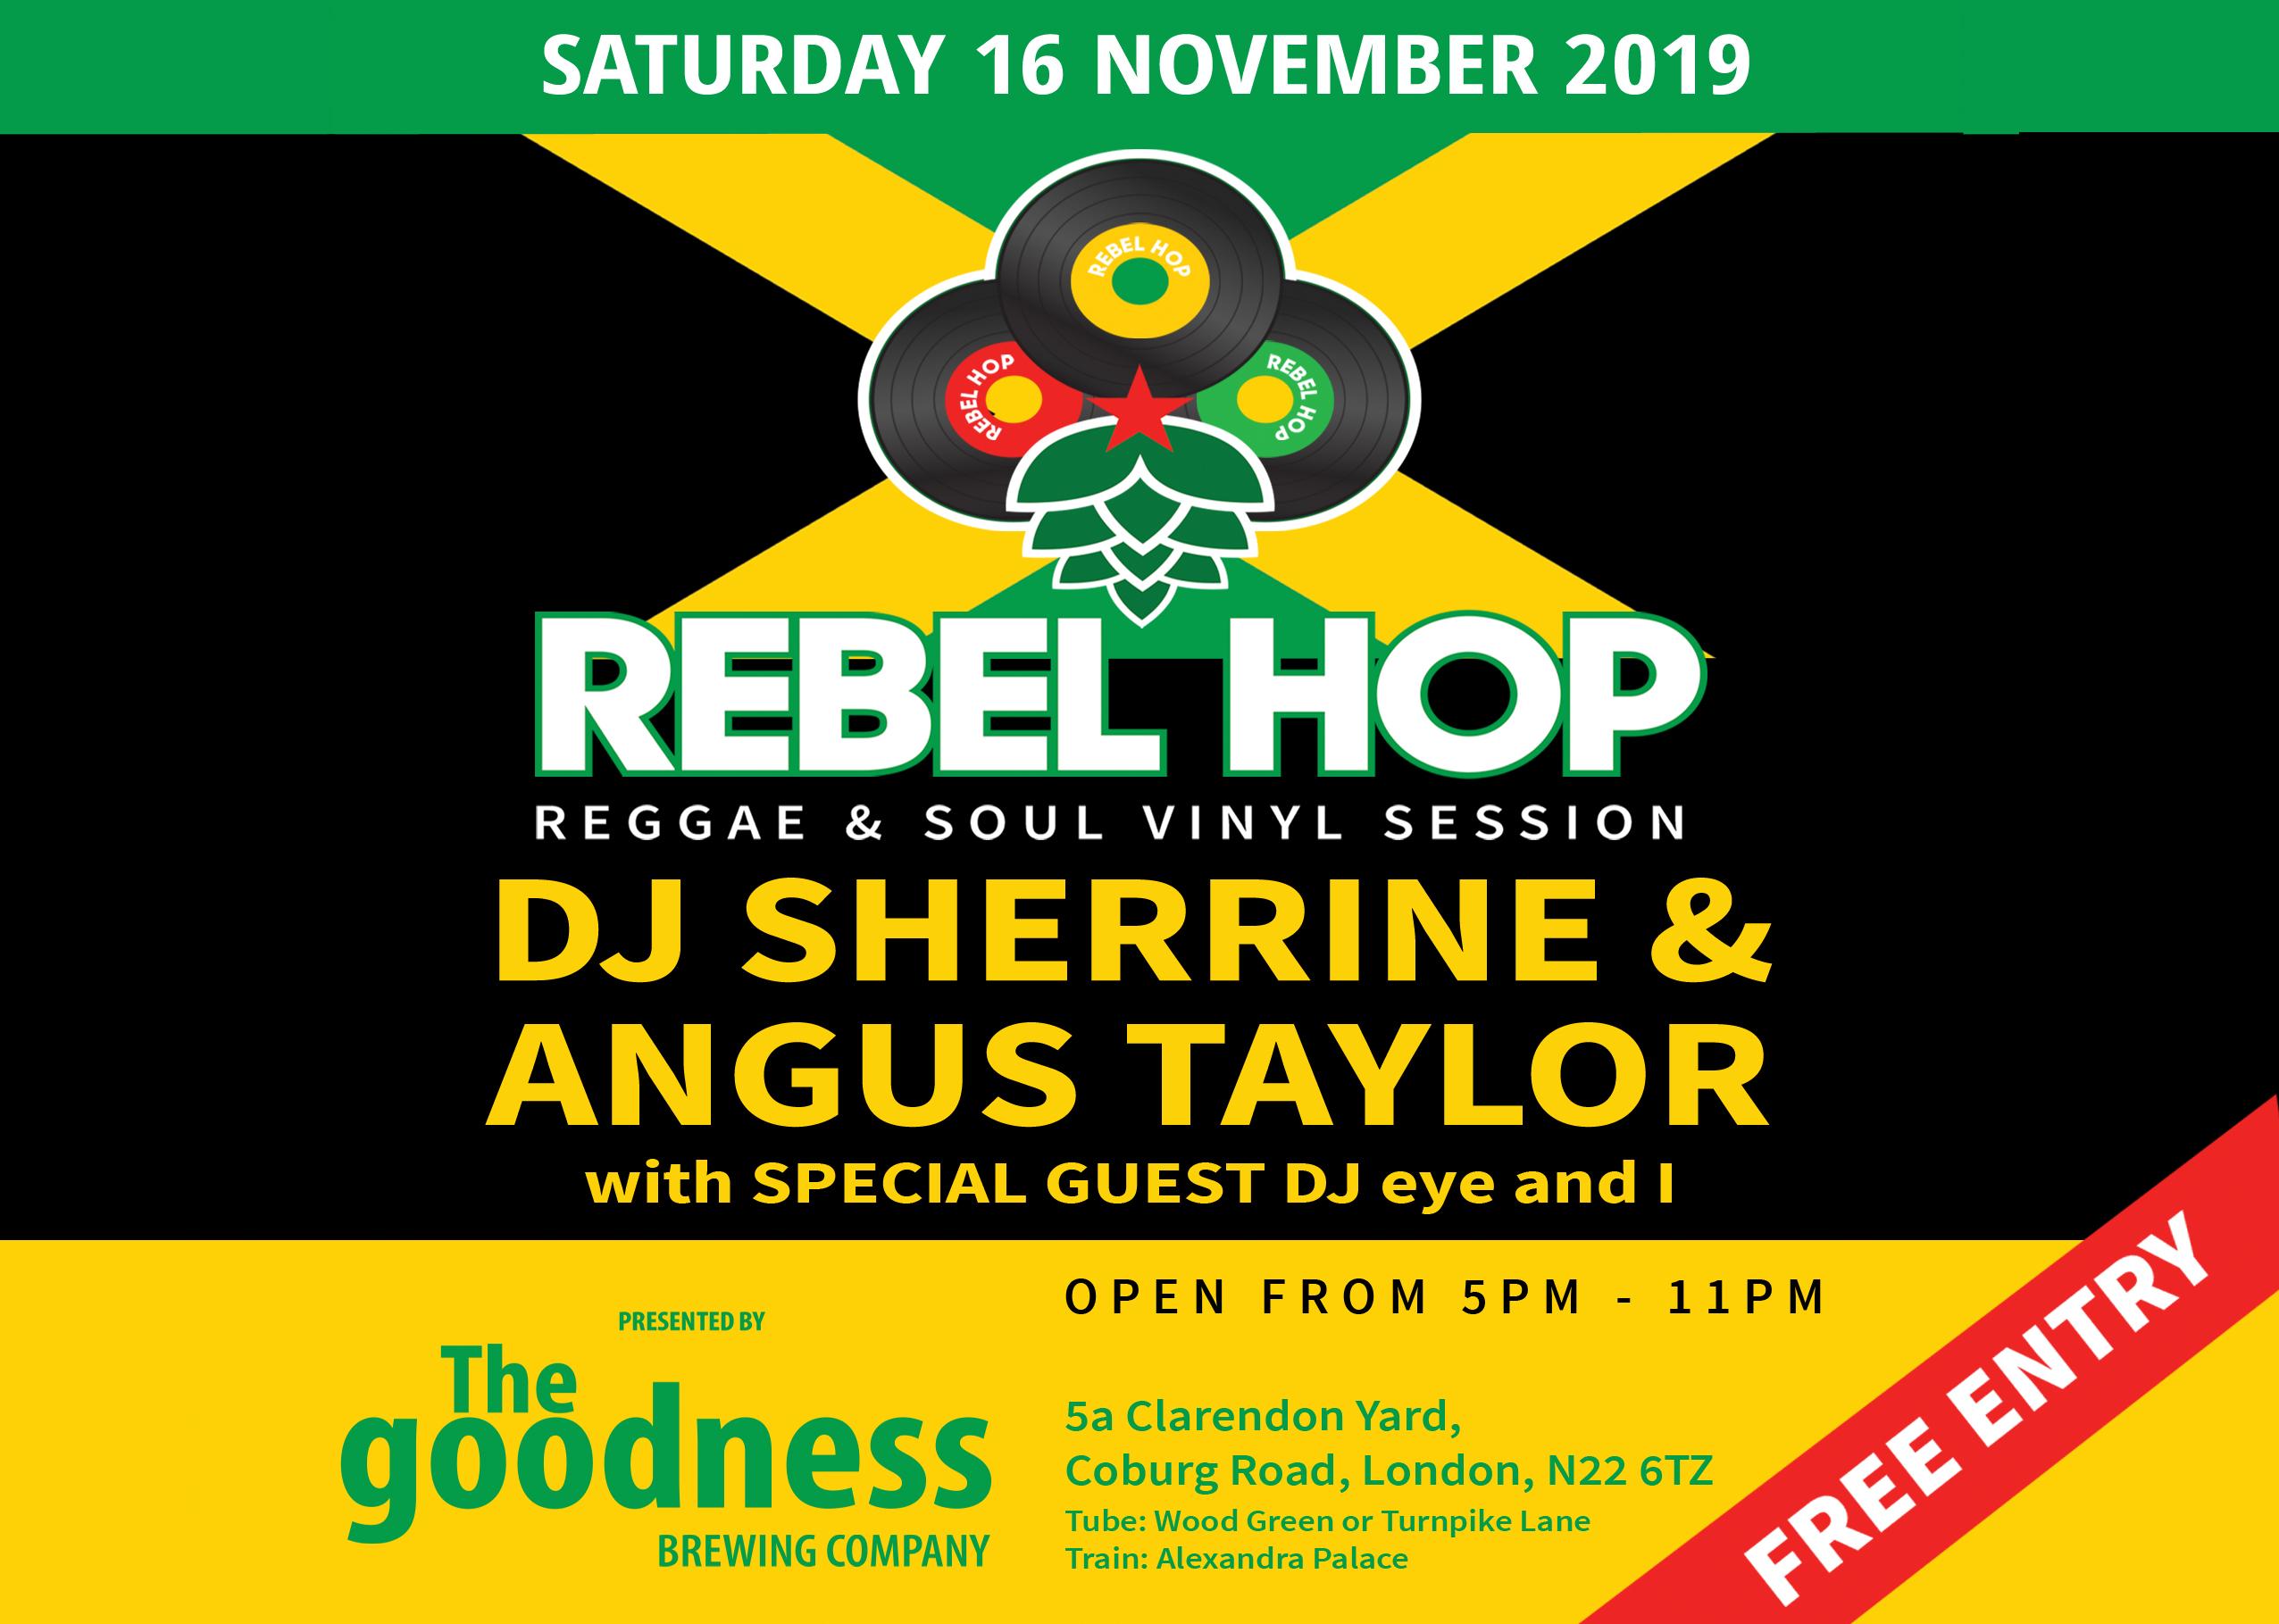 Rebel Hop 16 November landscape